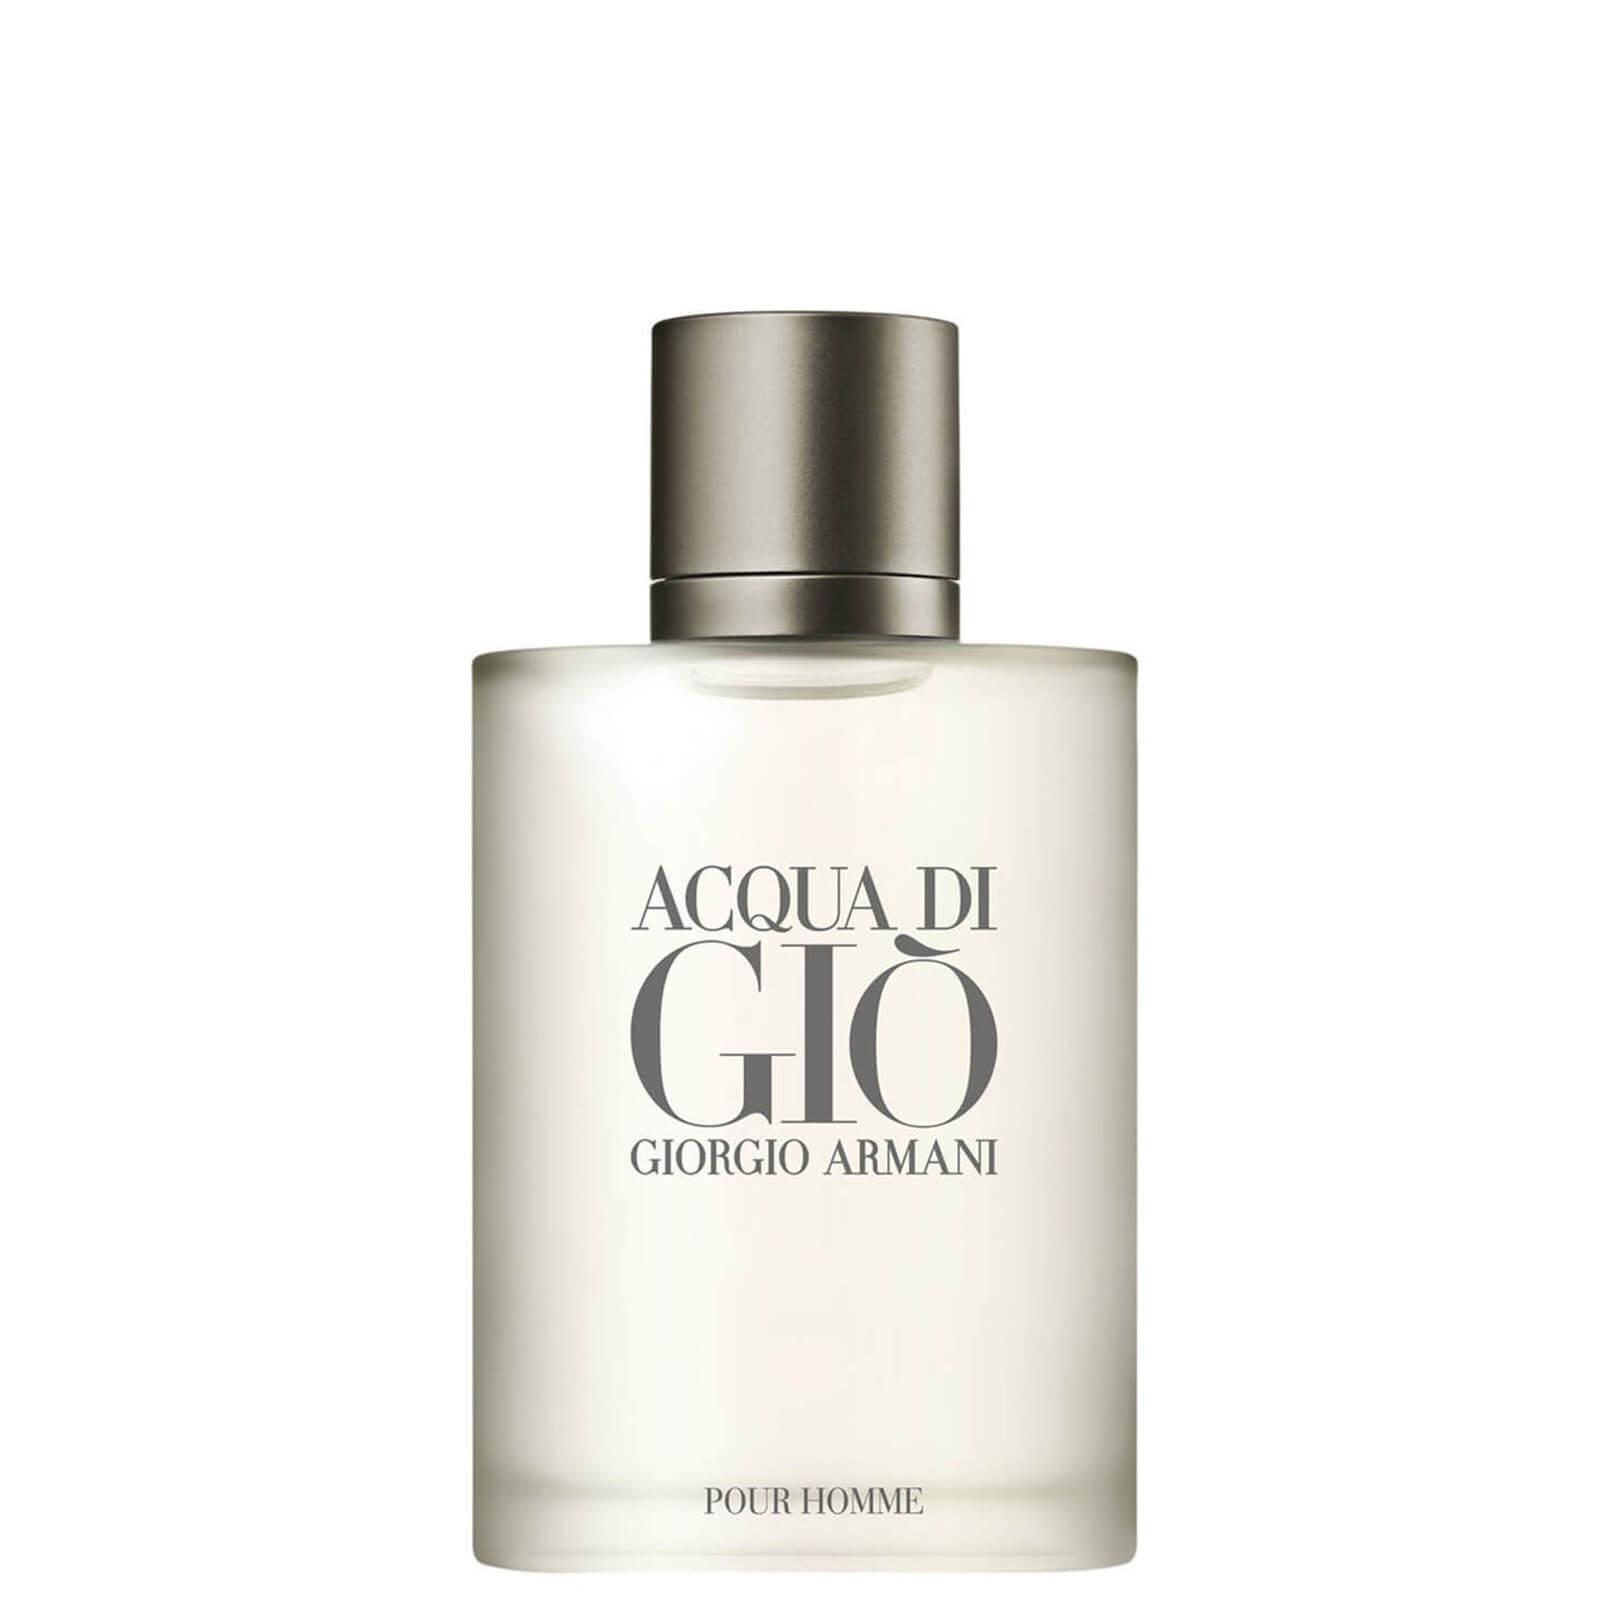 Image of Armani Acqua Di Gio Homme Eau de Toilette (Various Sizes) - 50ml